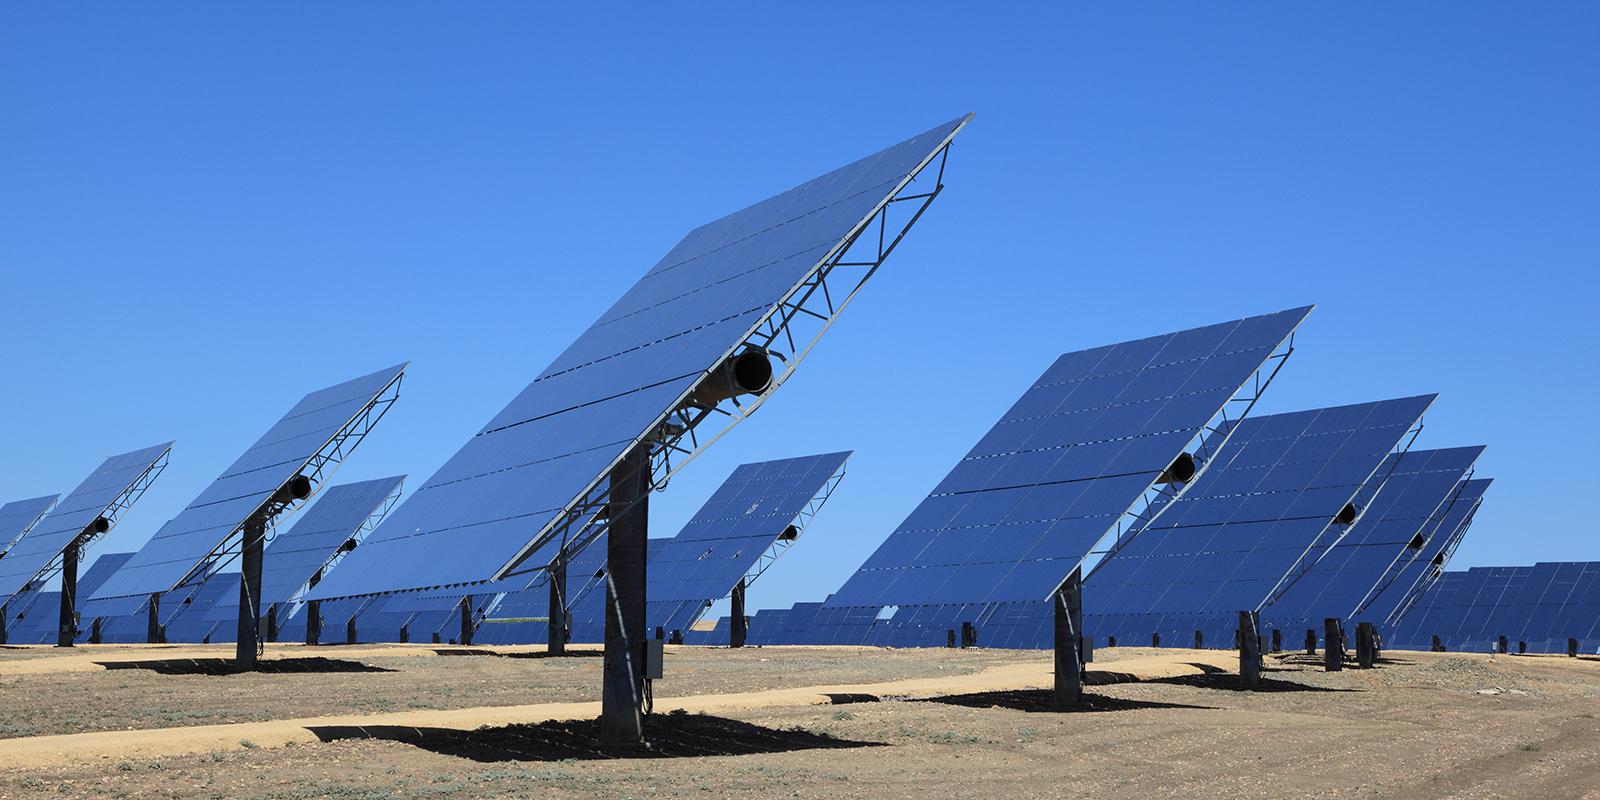 Photovoltaik-Anlagen auf einem Feld